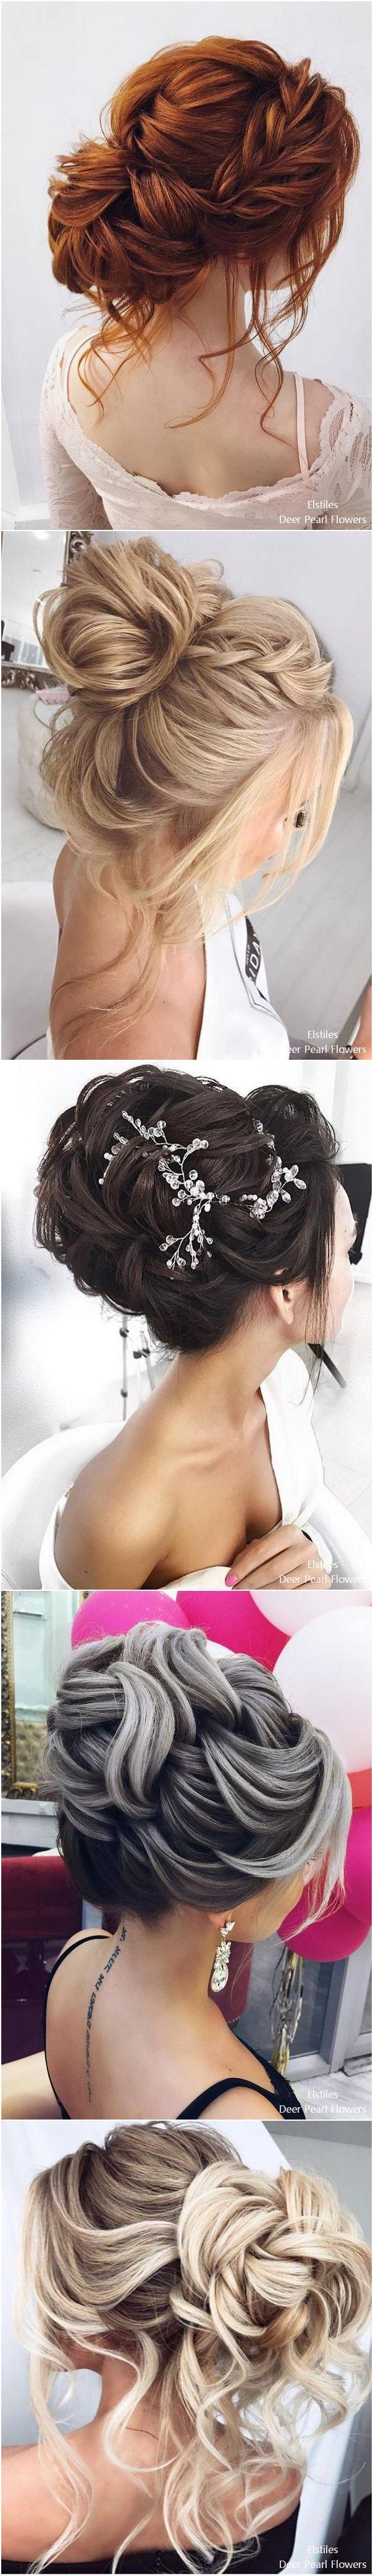 elstile long wedding hairstyles and updos up dos weddingideas